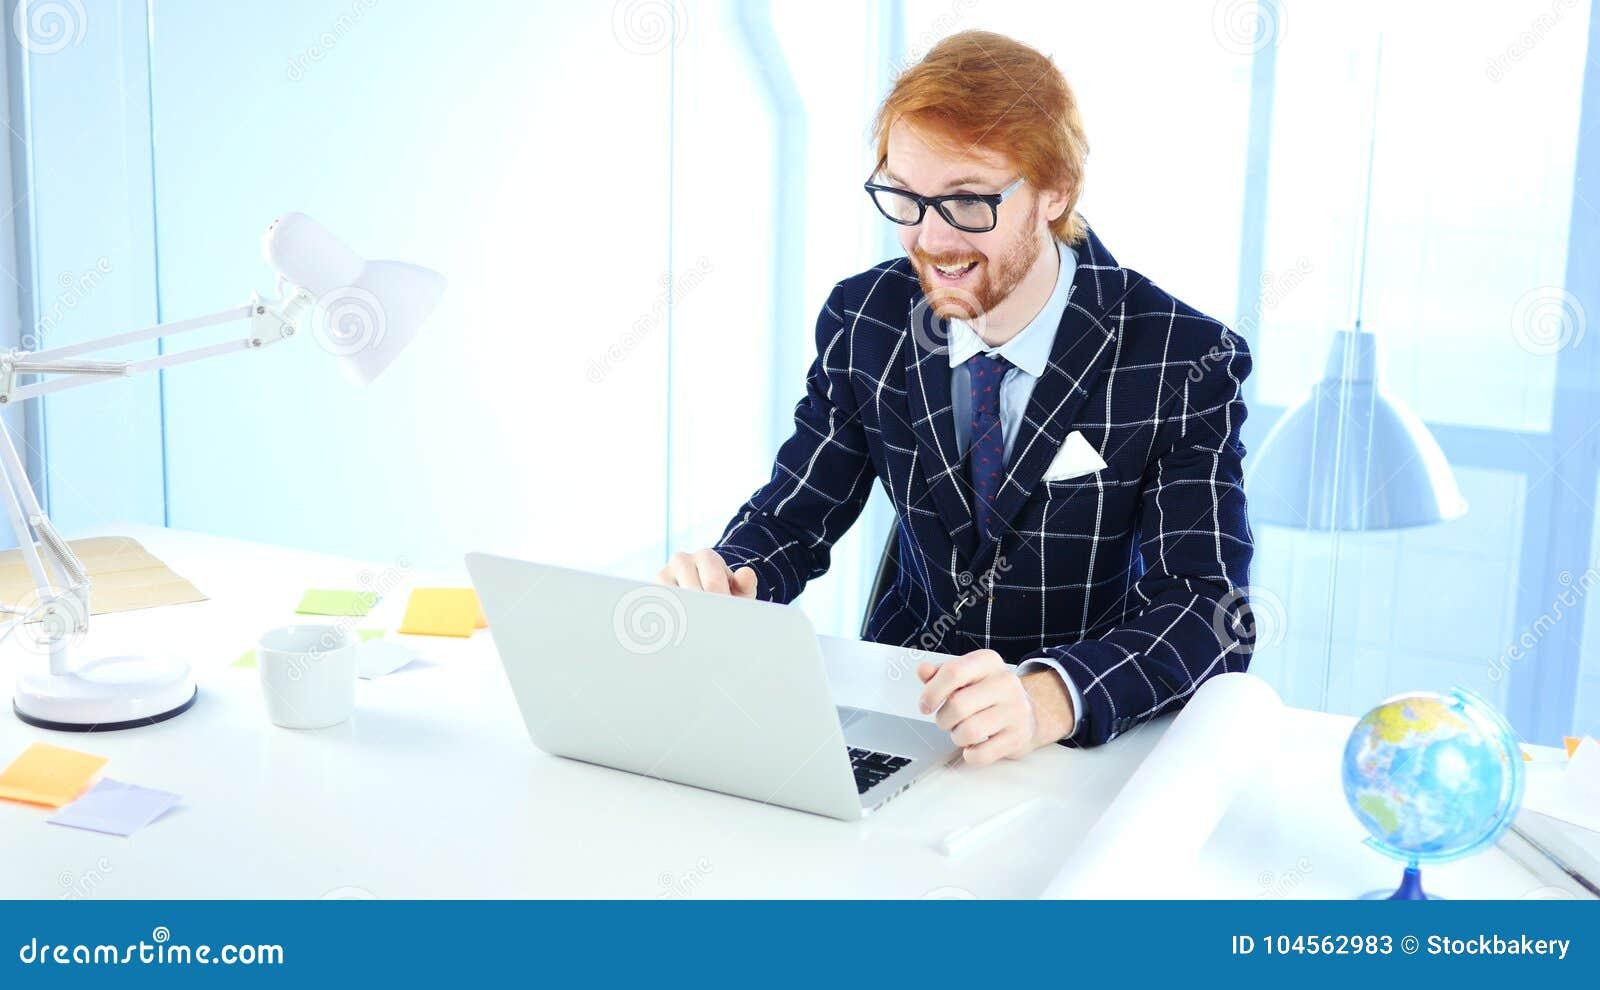 Video uomo di chiacchierata del webcam online che parla con il cliente, discussione, negoziato